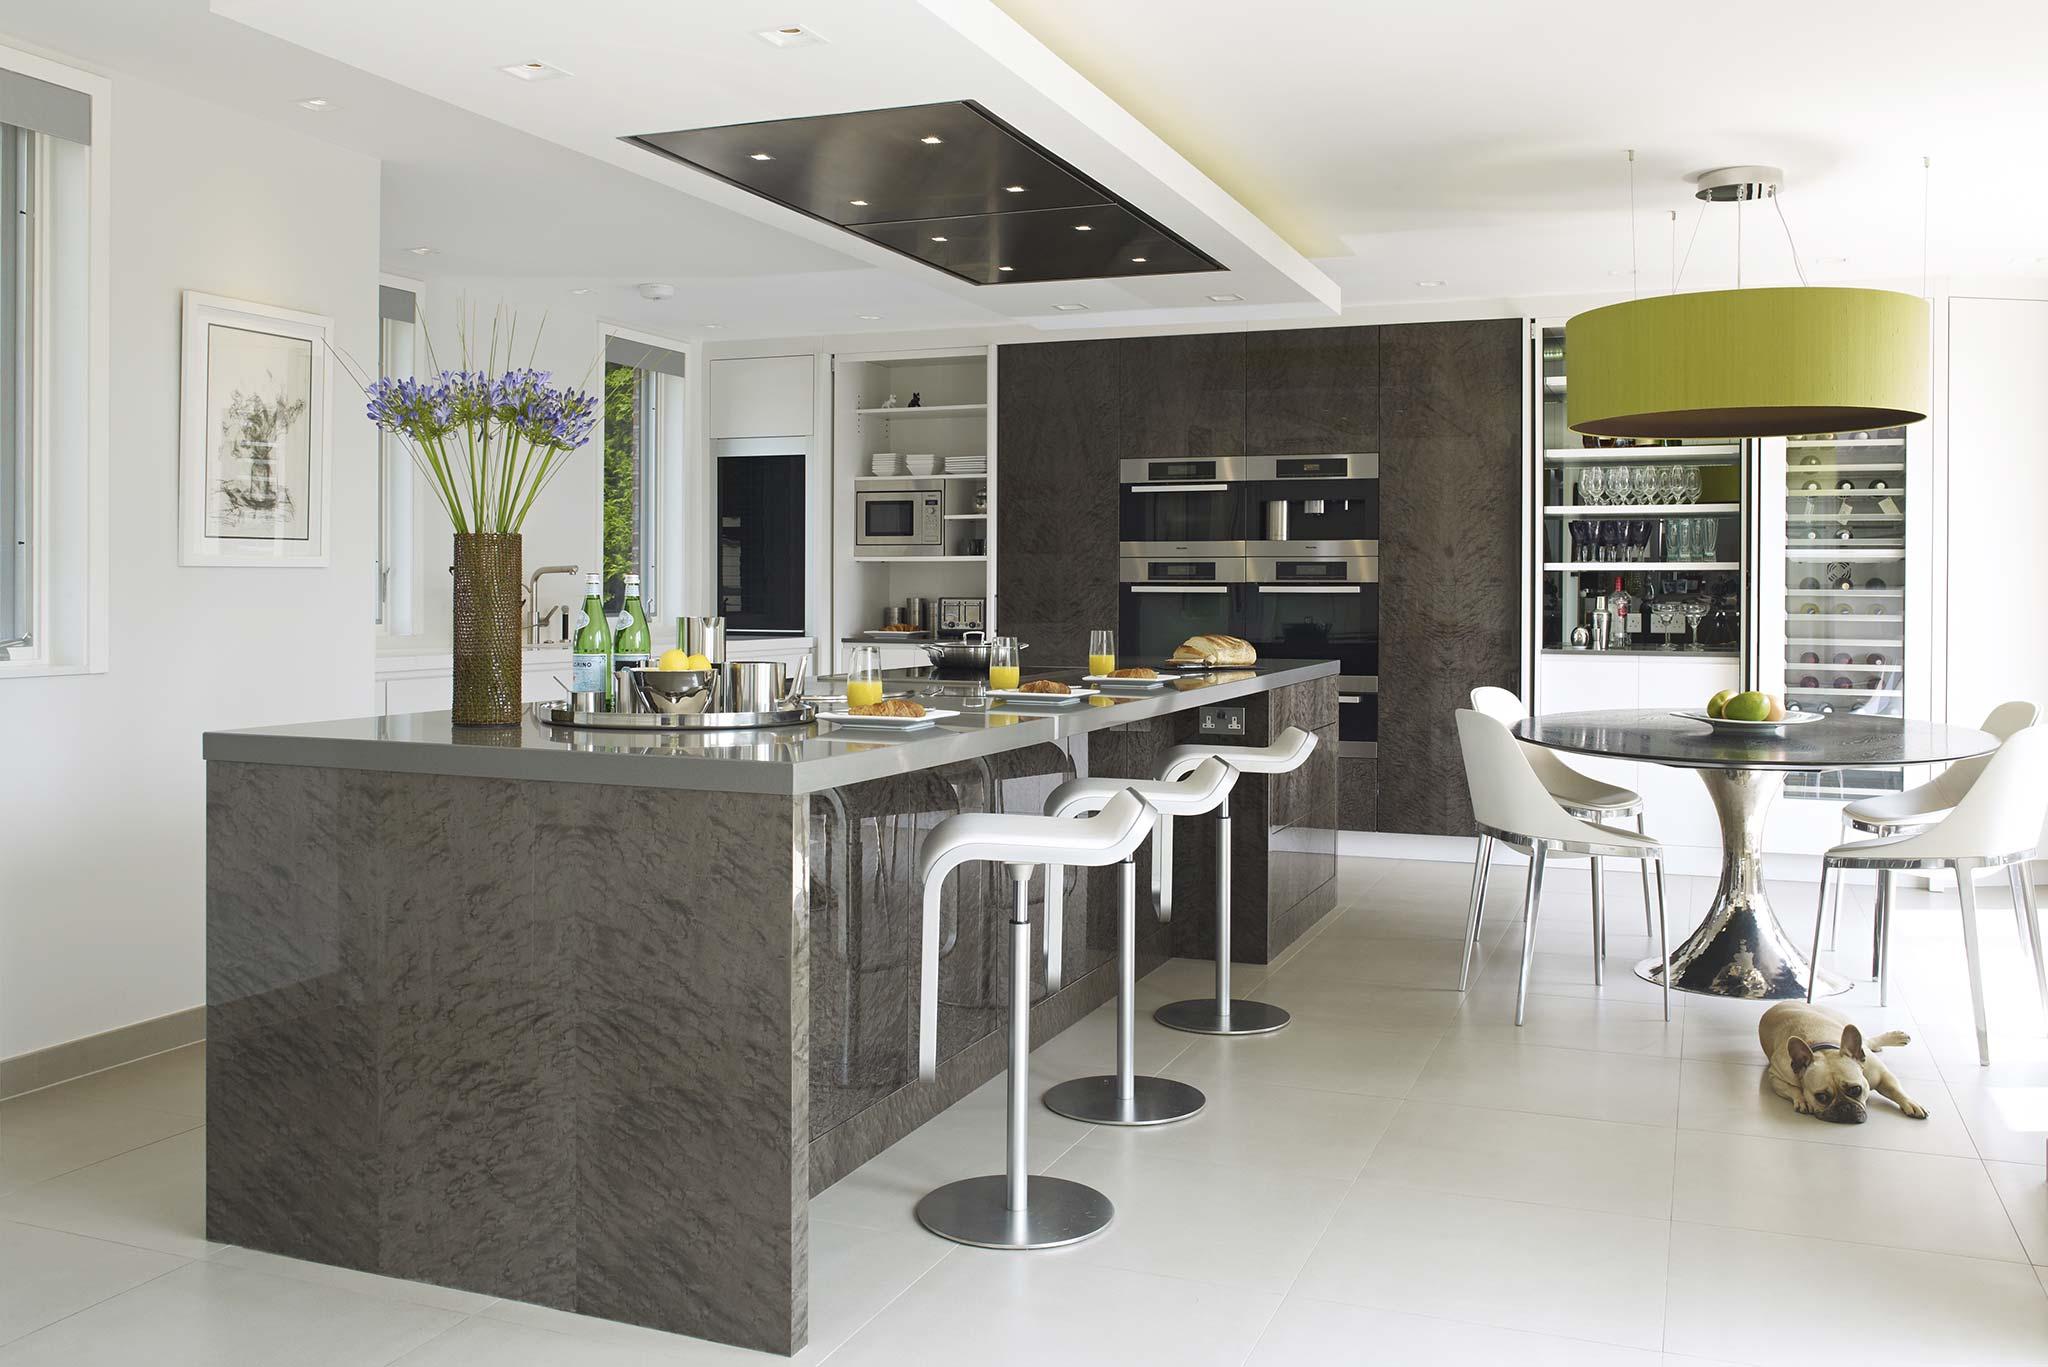 Callender Howorth Cocktail bar luxury interior design HYDE PARK INTERIOR ARCHITECTS W2